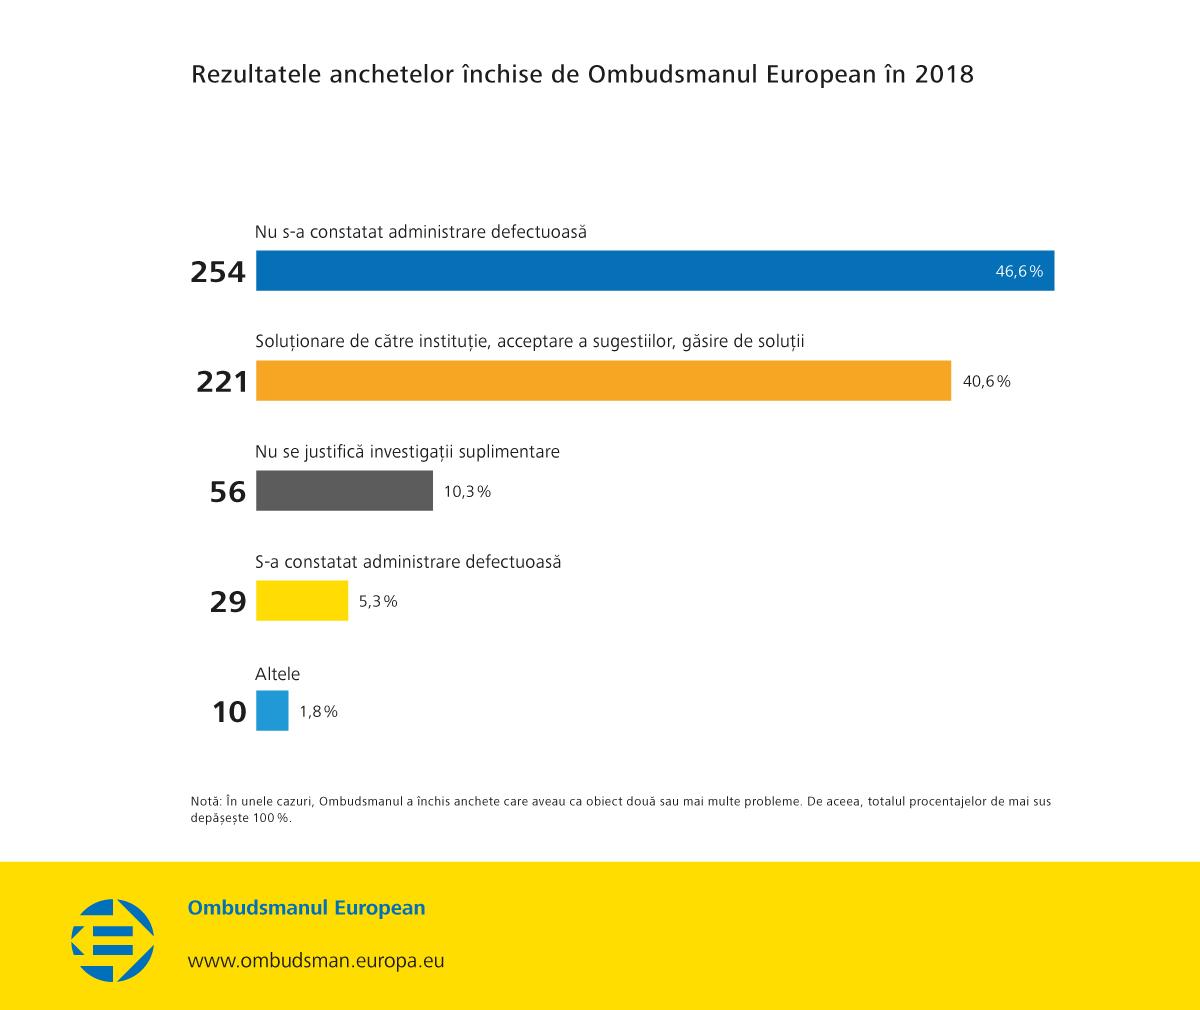 Rezultatele anchetelor închise de Ombudsmanul European în 2018